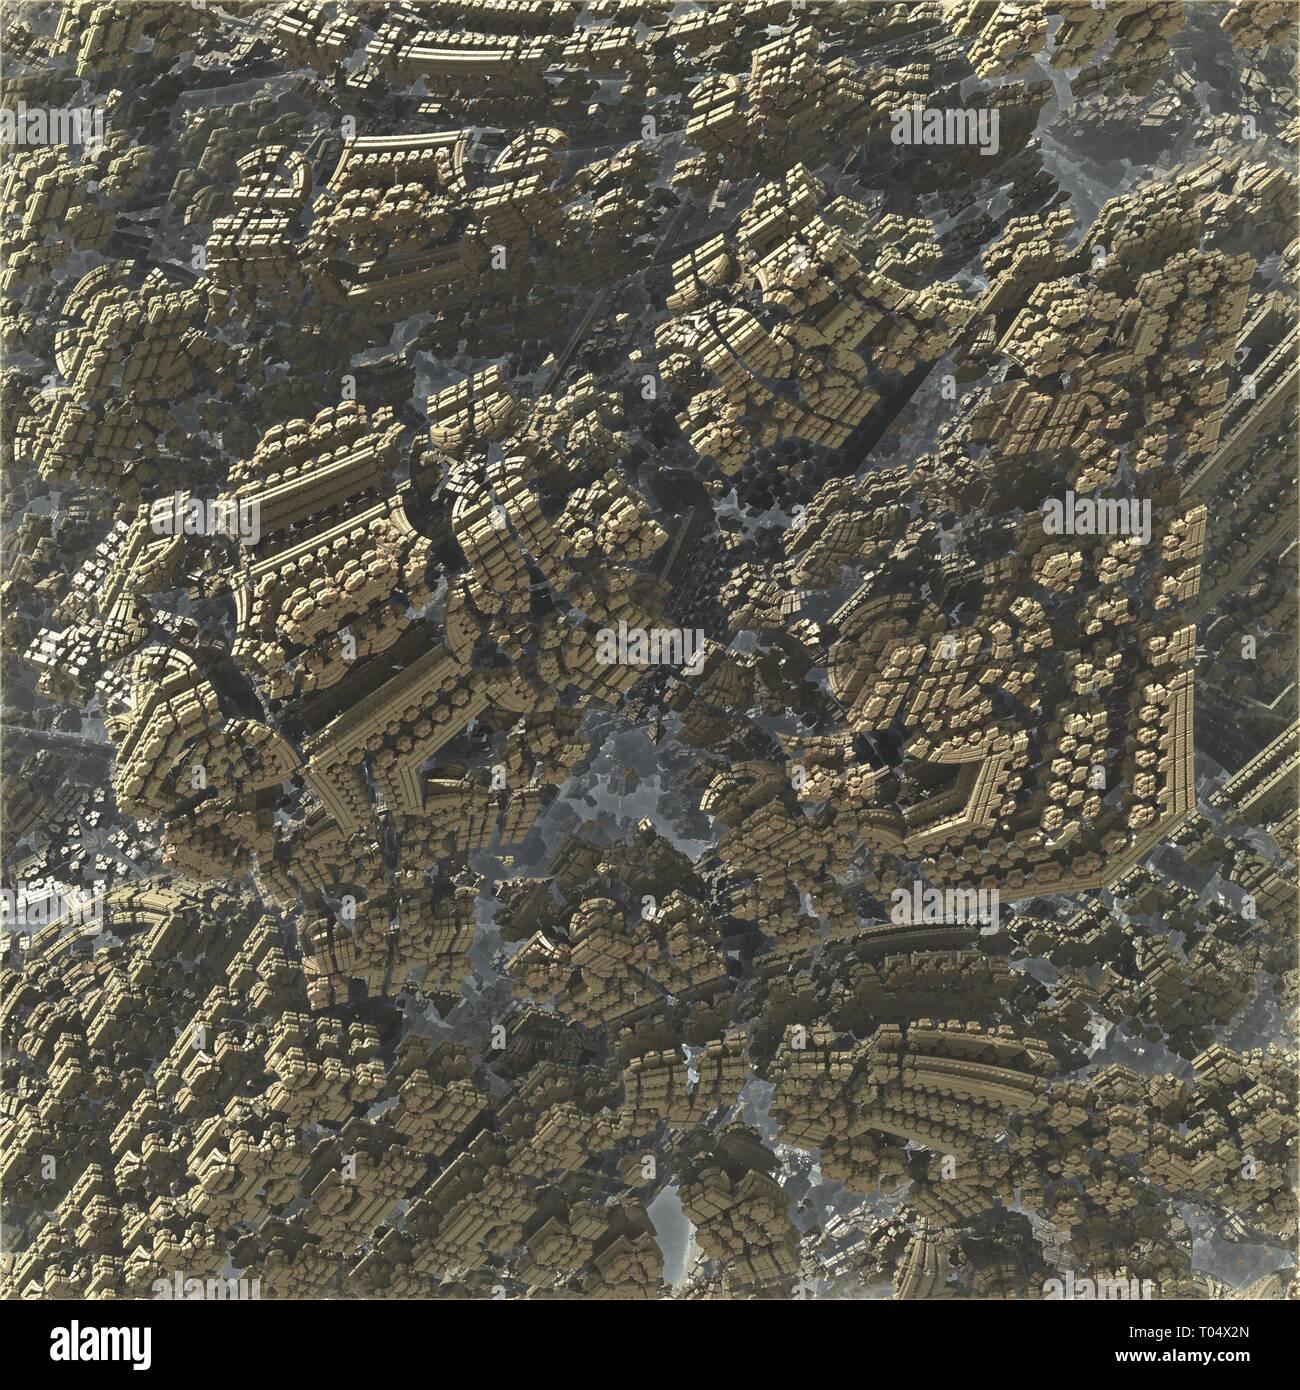 Mandelbrot fractal city landscape - Stock Image